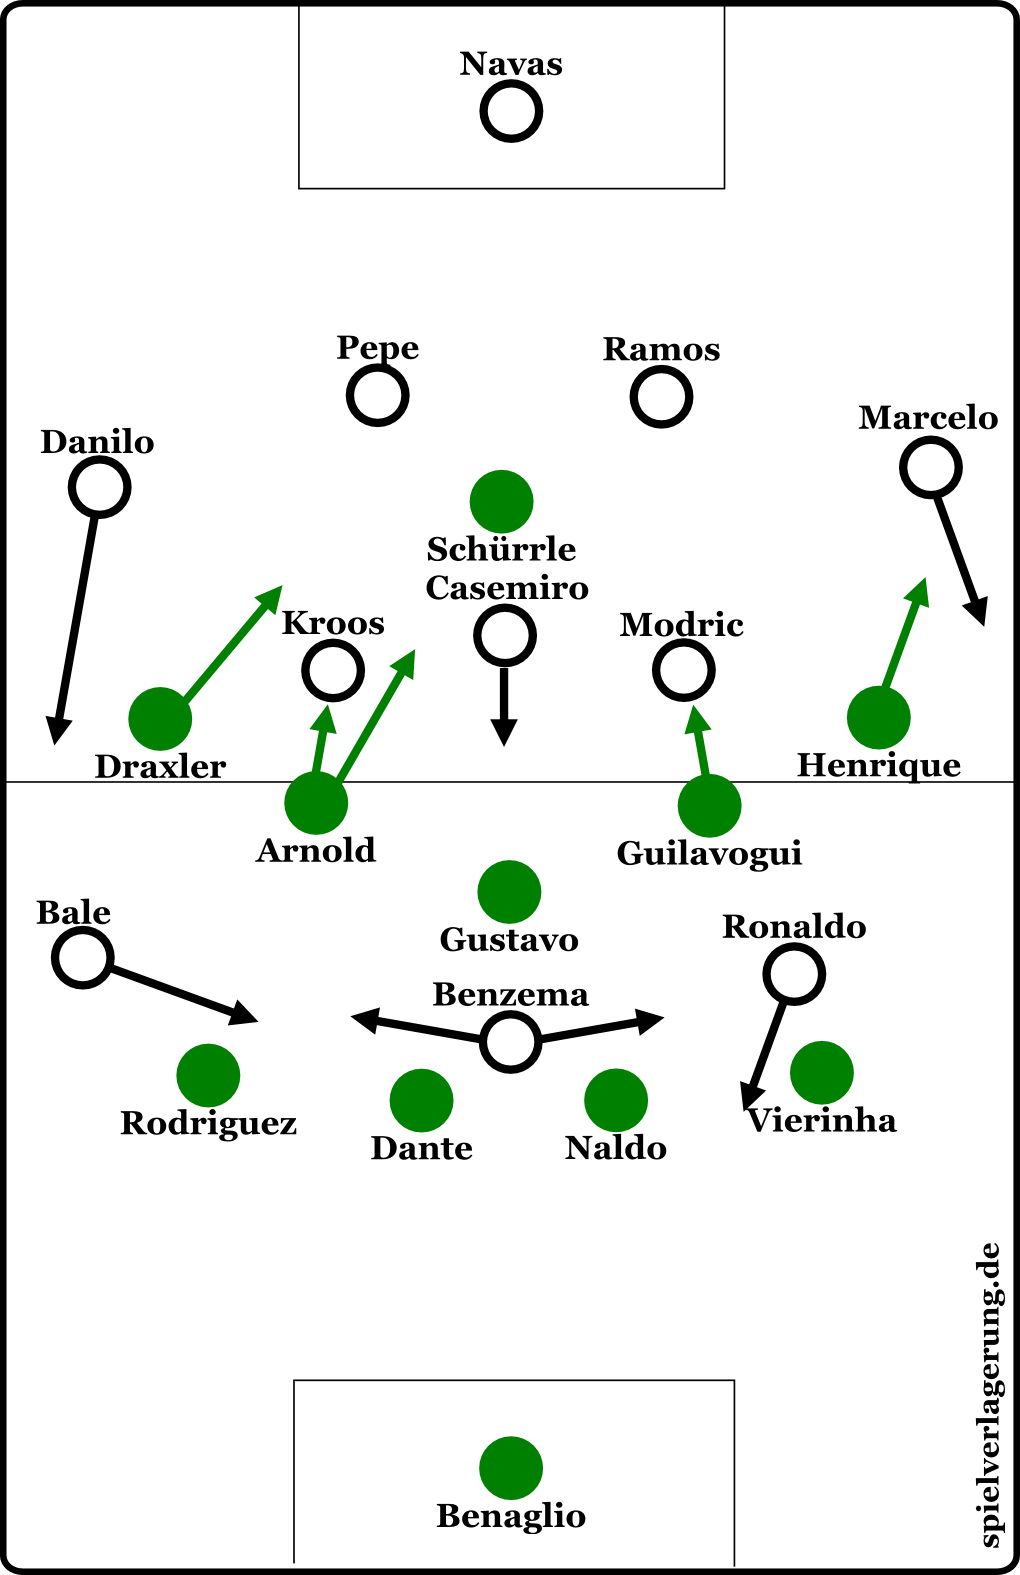 Die Formationen beider Teams. Casemiro schwebte im Nichts.